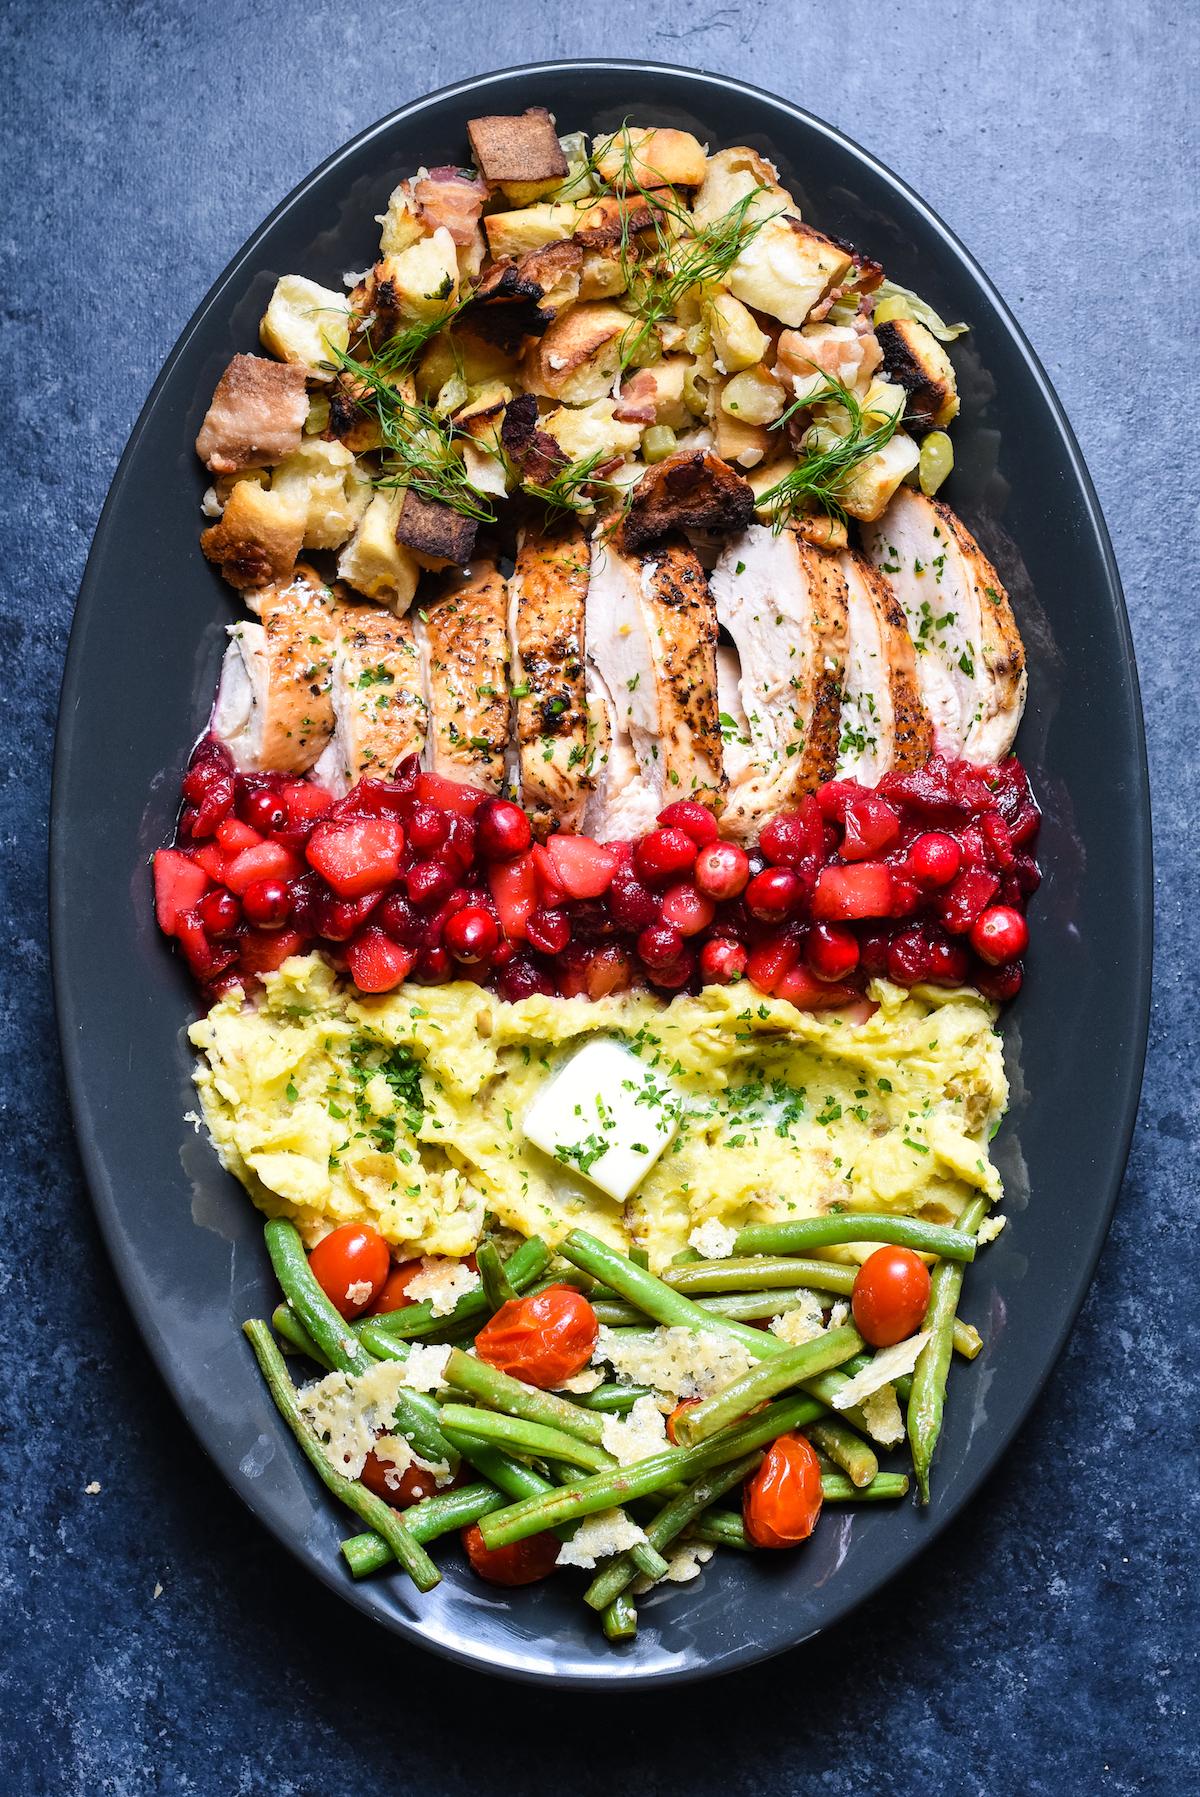 epic-thanksgiving-platter-center